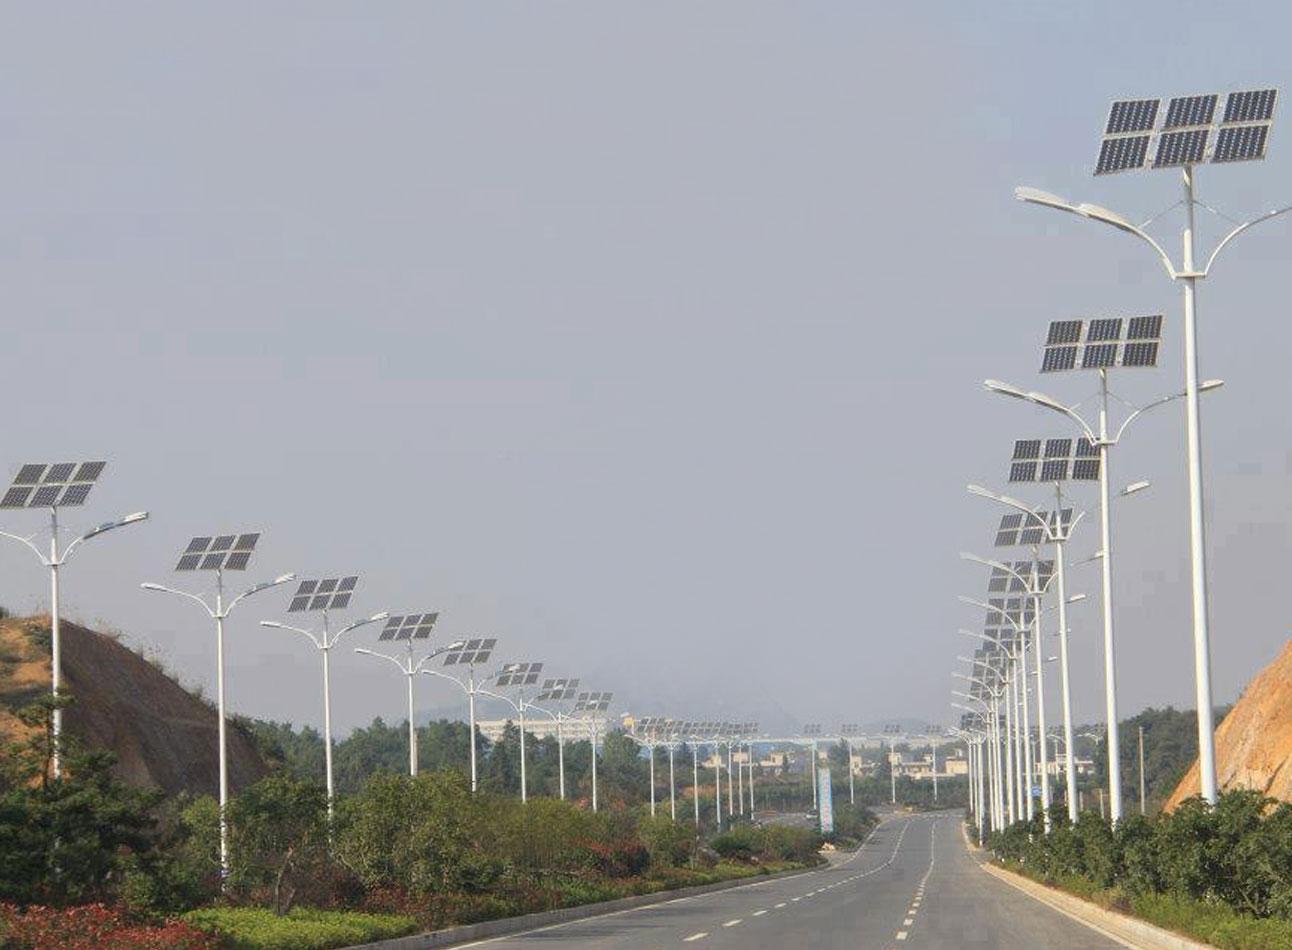 Solar Street Light Scheme Launched in Jaysagar, Assam